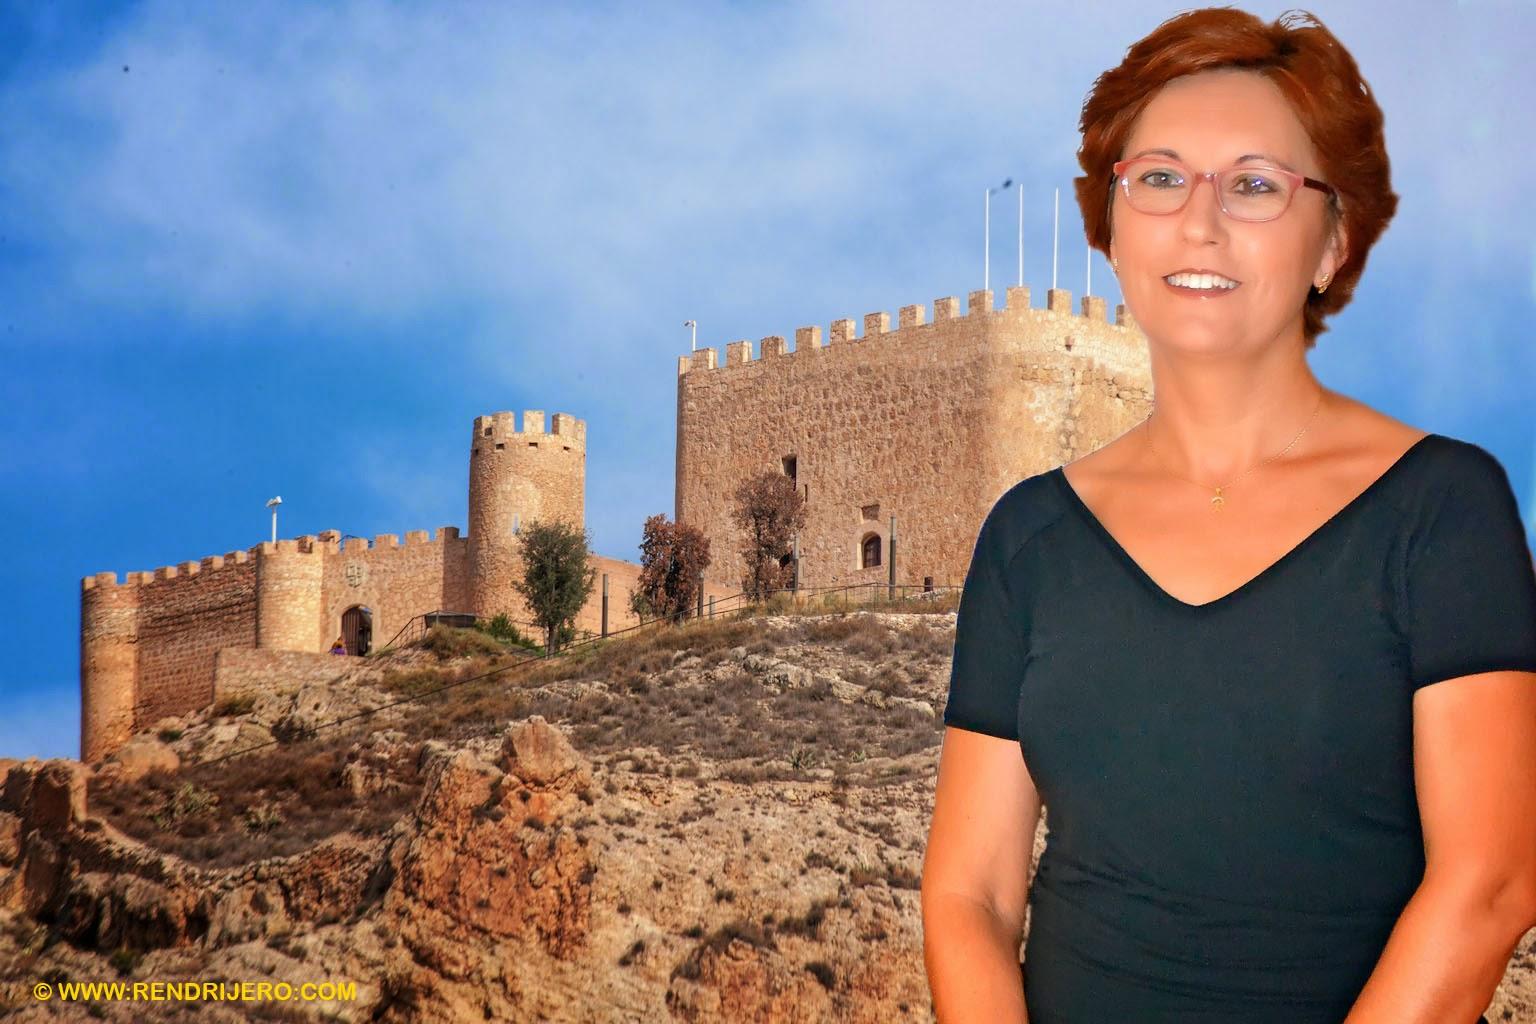 Candidata a la alcaldía de Jumilla en 2015 por el PSOE